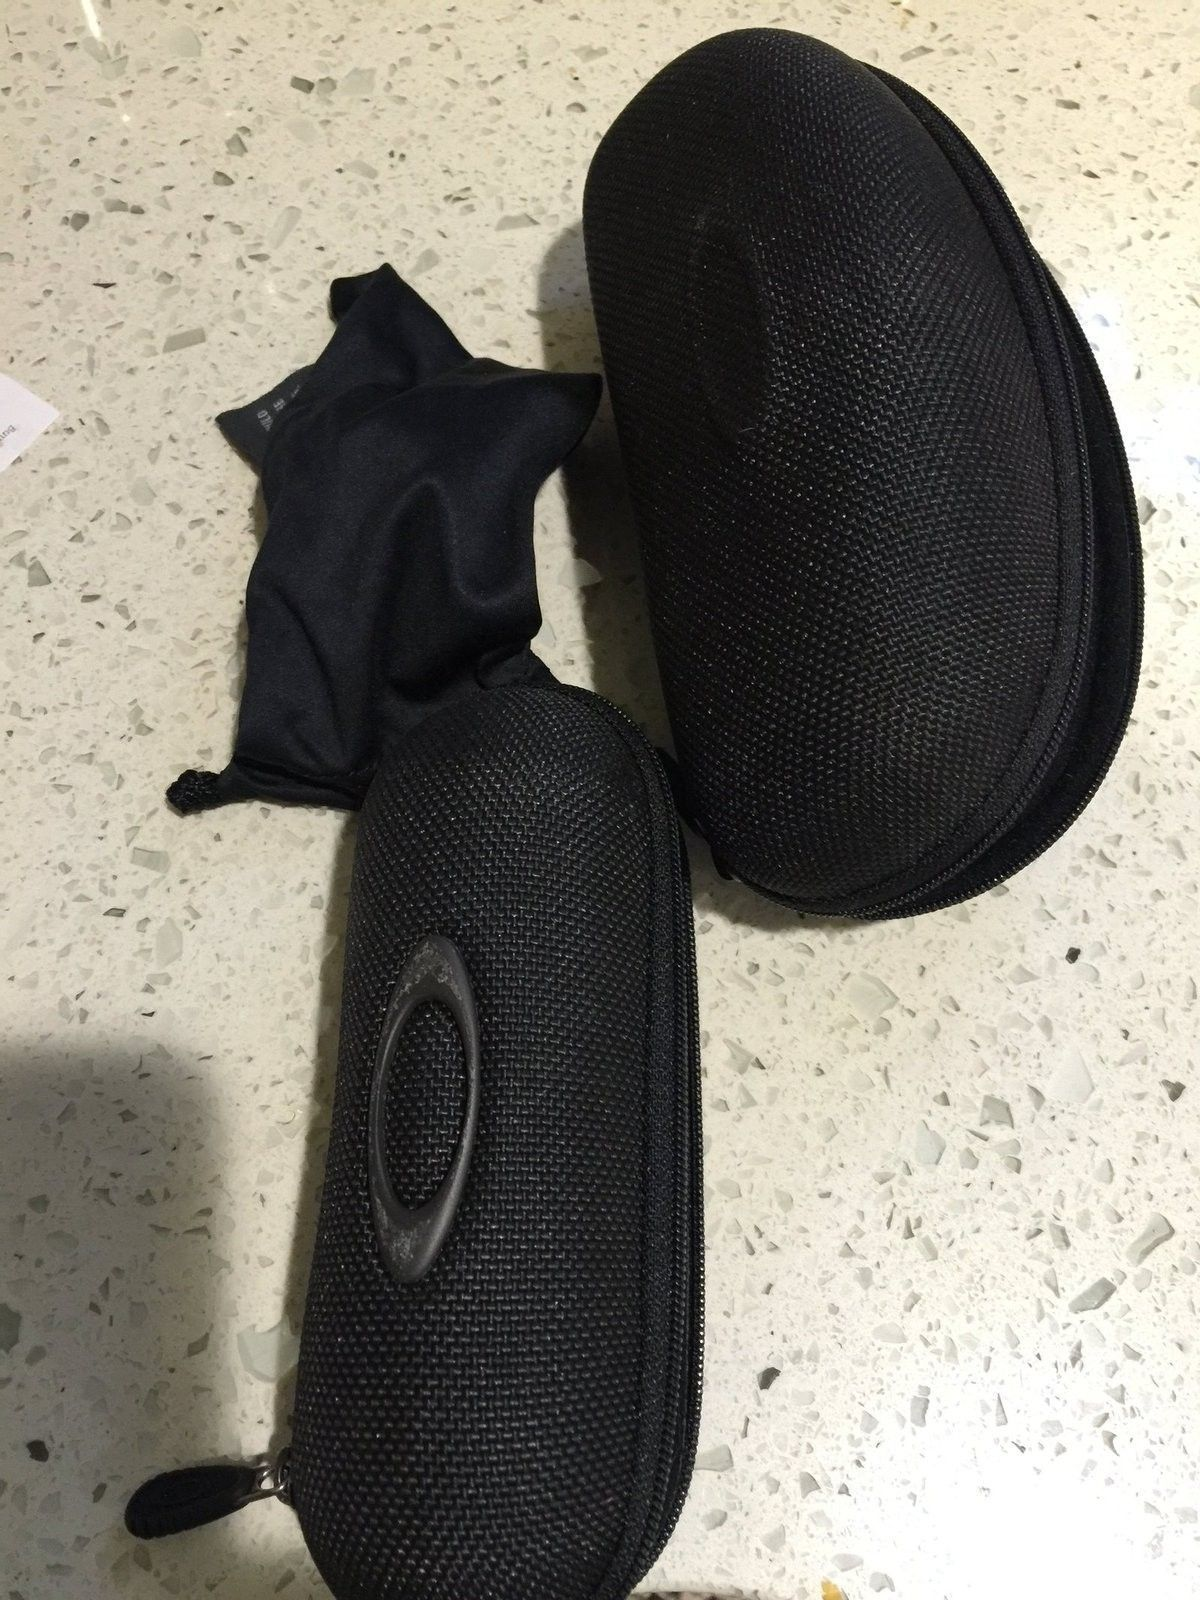 Help identifying these glasses? - image.jpeg